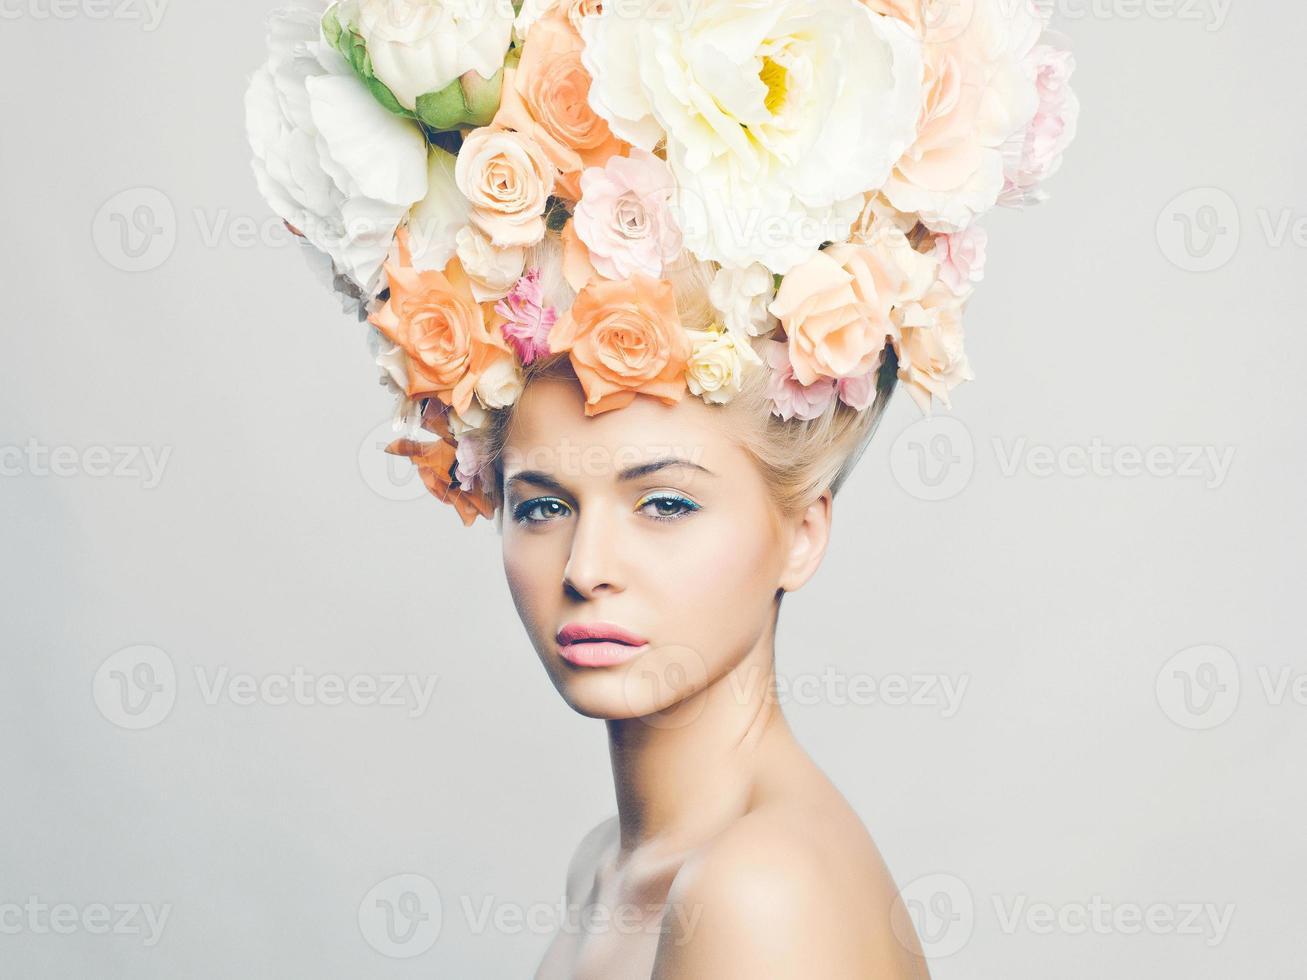 bella donna con acconciatura di fiori foto